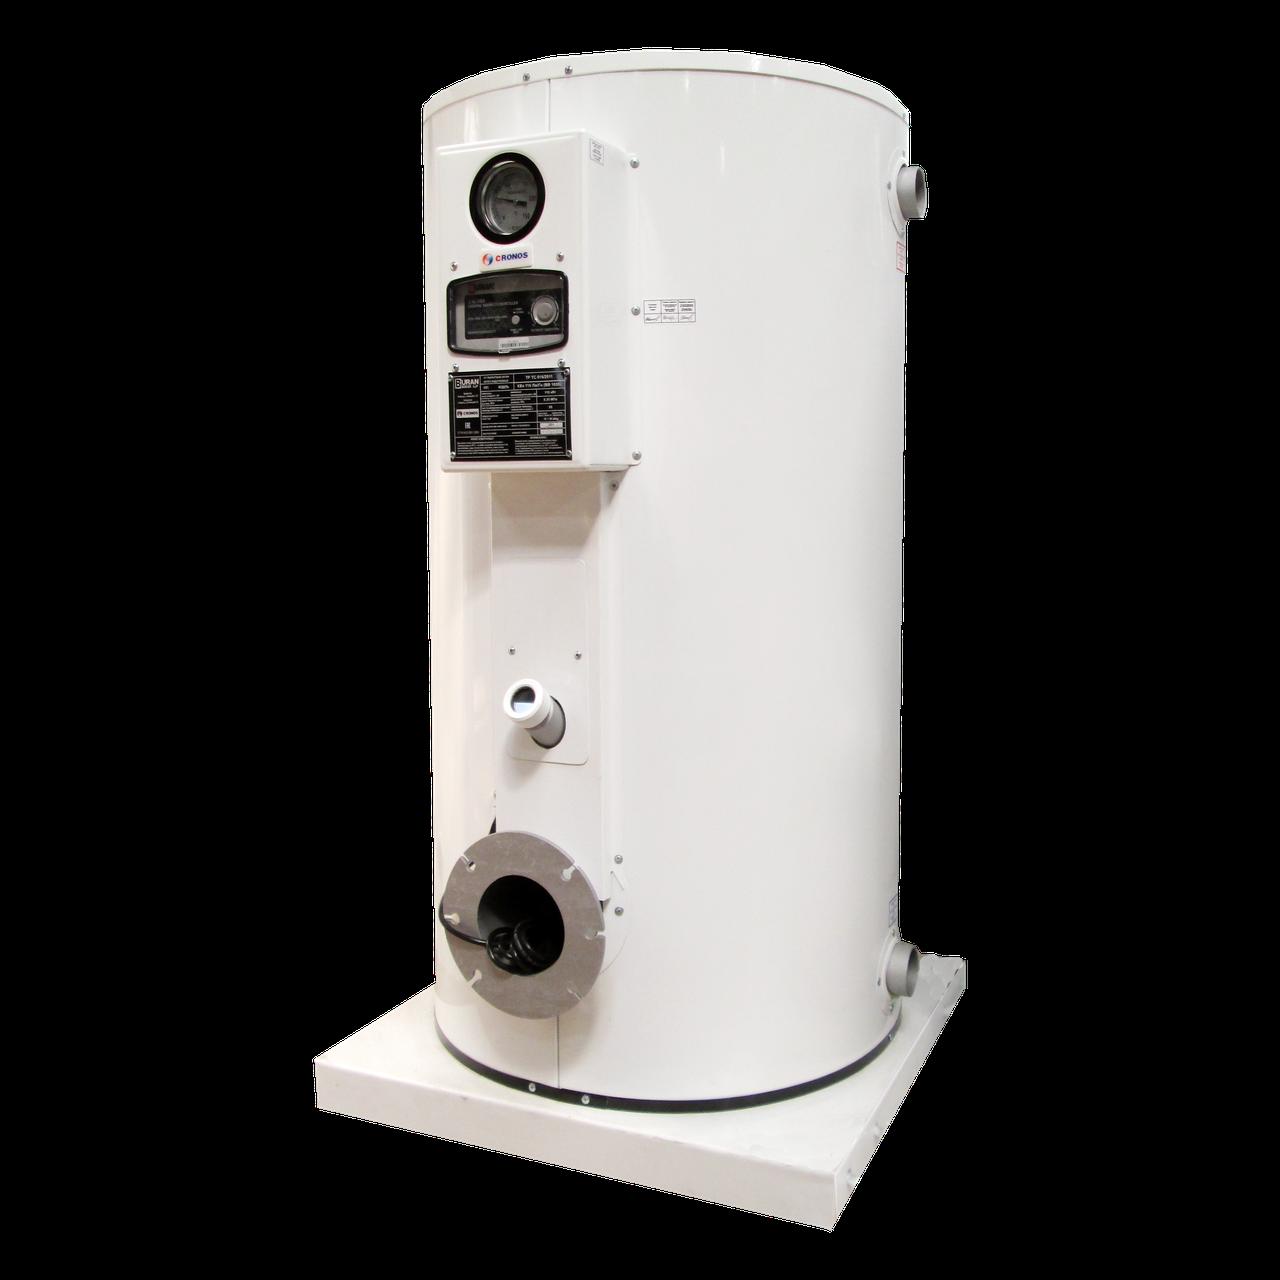 Котёл газовый Cronos BB-1035 (116кВт) для отопления и ГВС